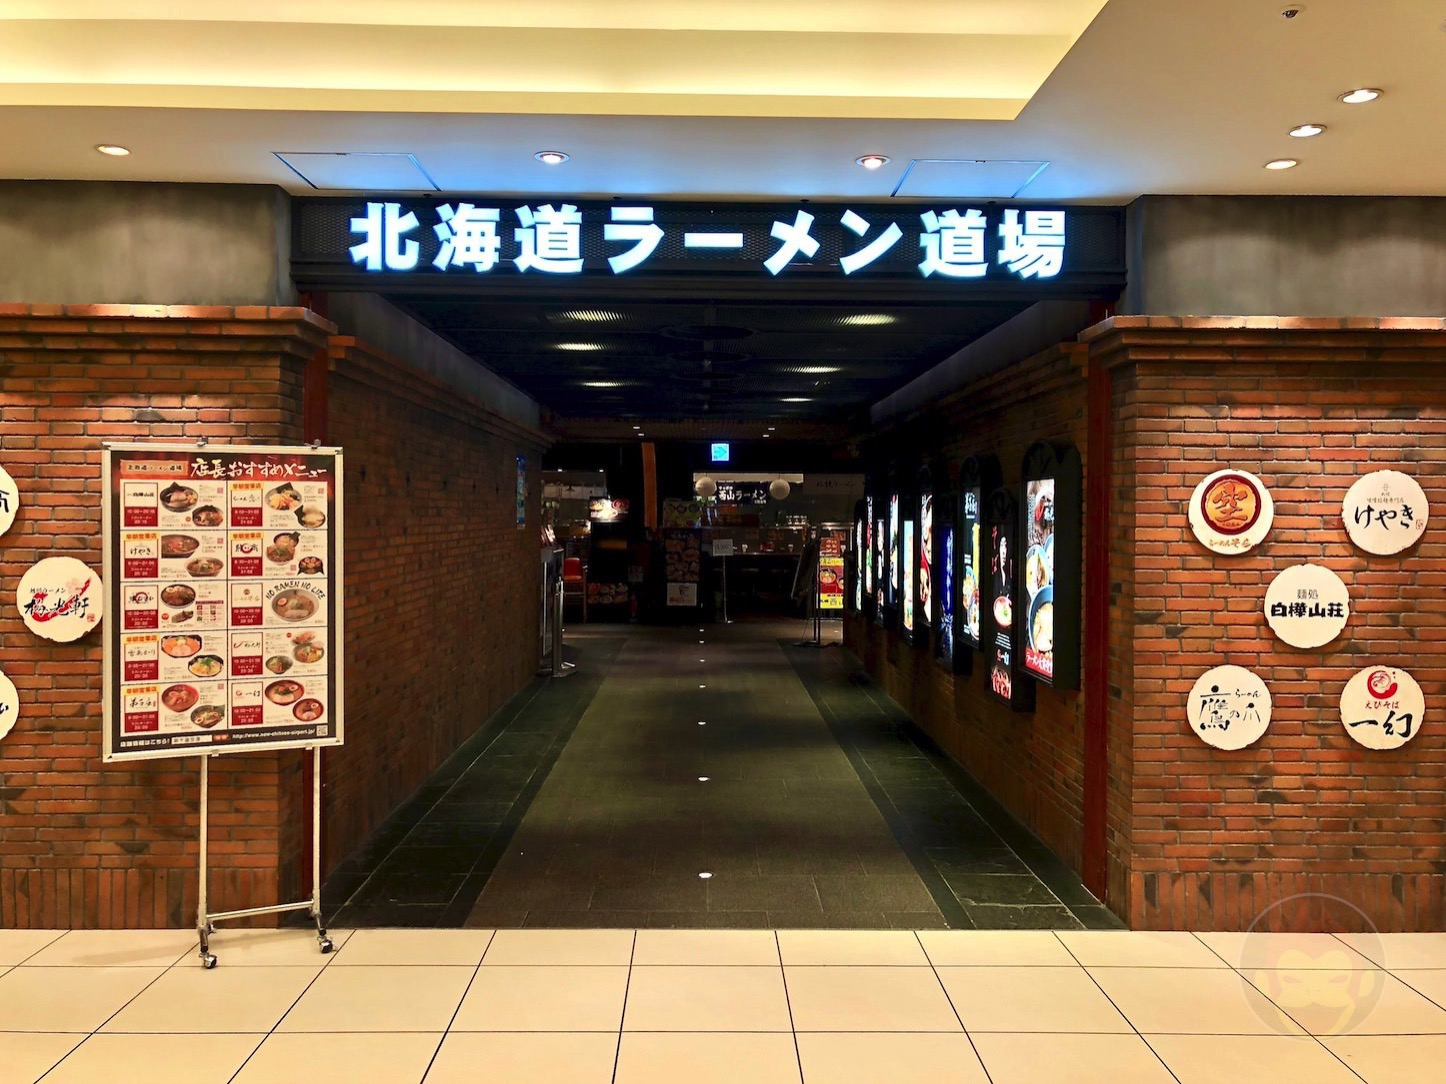 新千歳空港「北海道ラーメン道場」内にある「麺屋 開高」